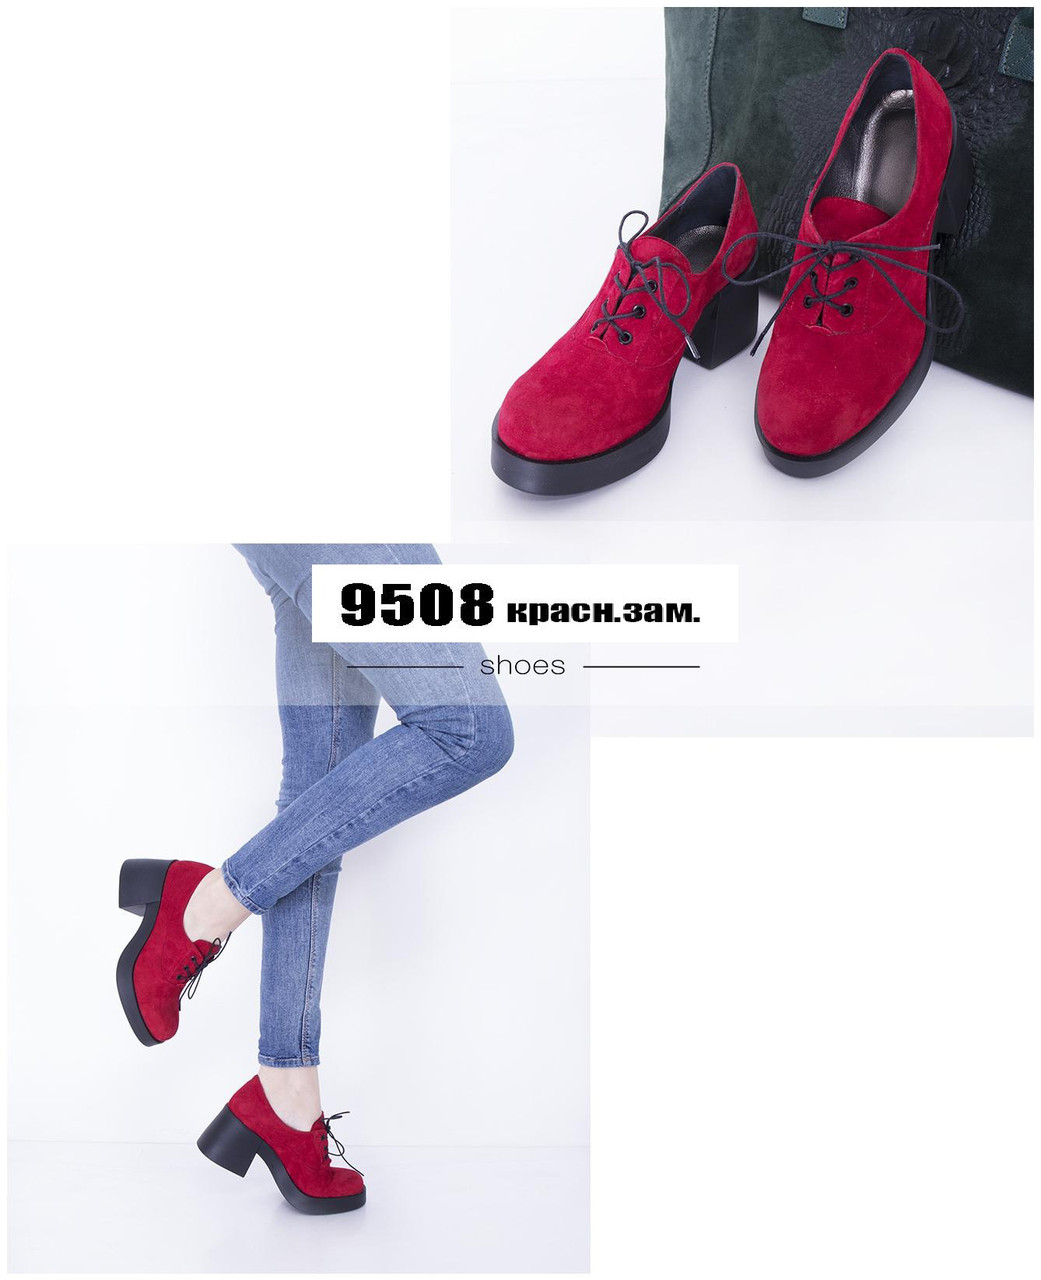 Туфли юр9508